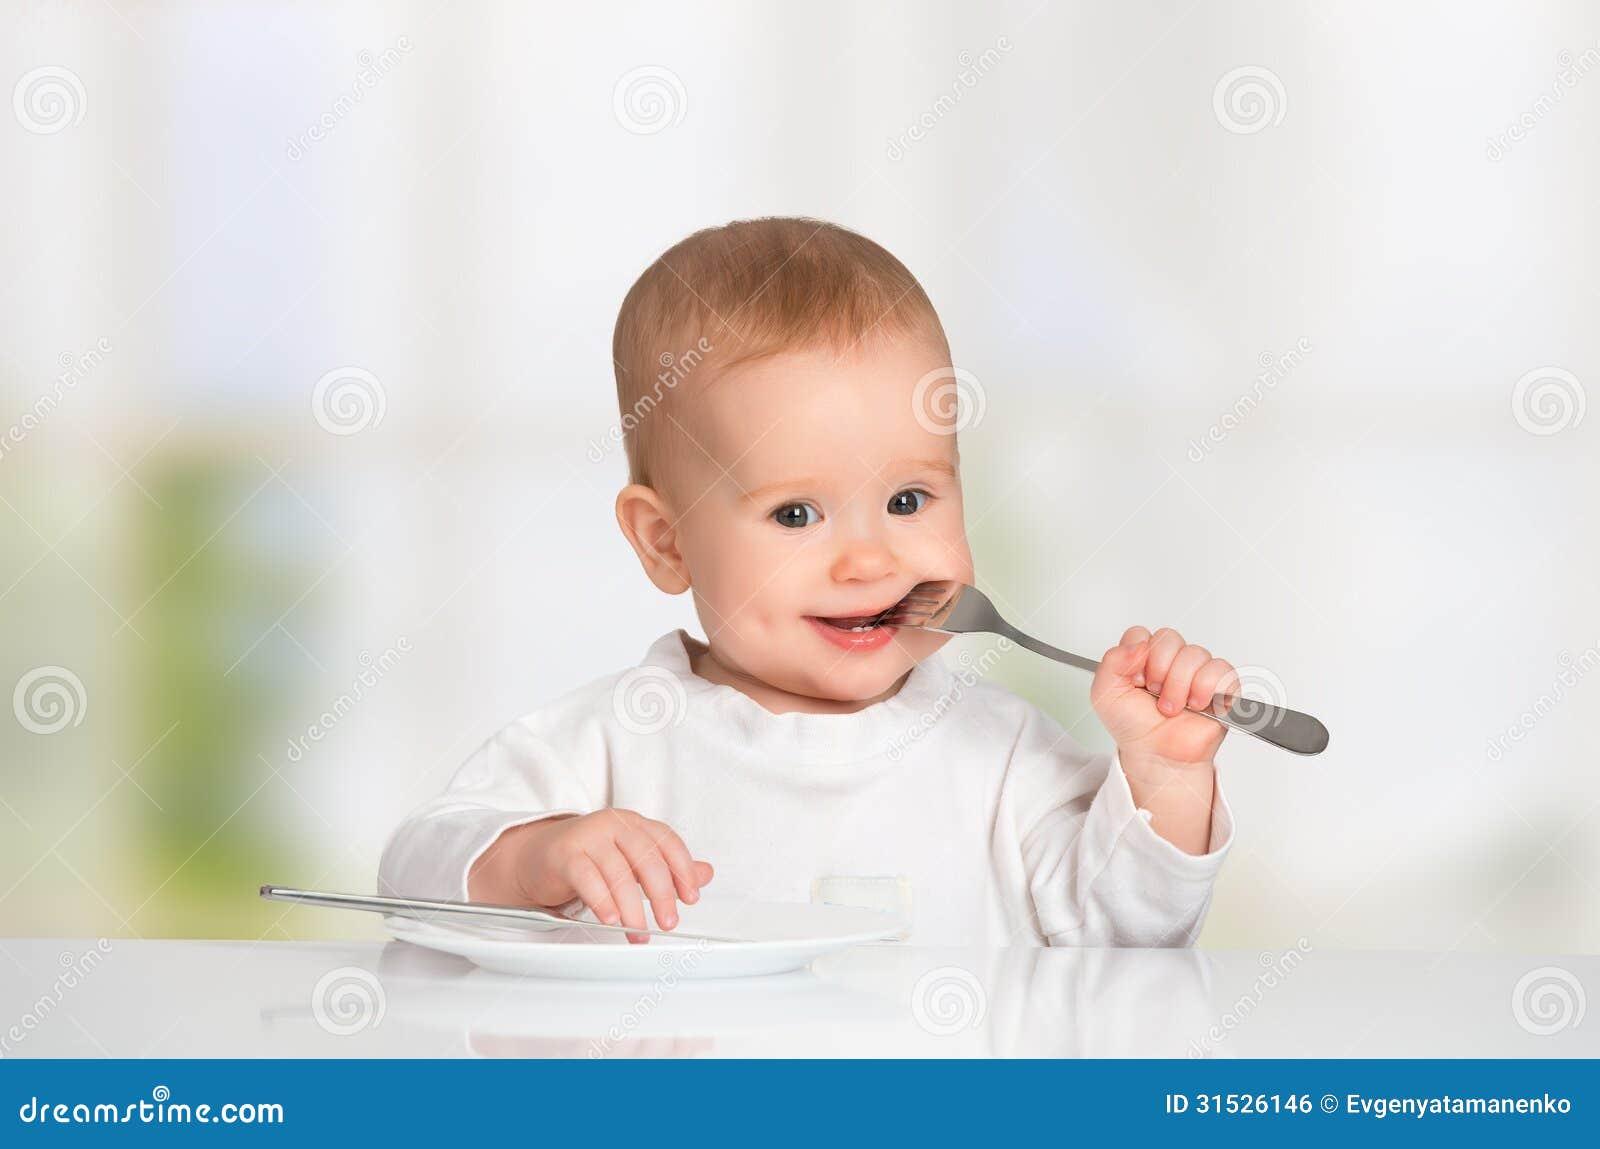 Lustiges Baby mit einem Messer und einer Gabel Lebensmittel essend